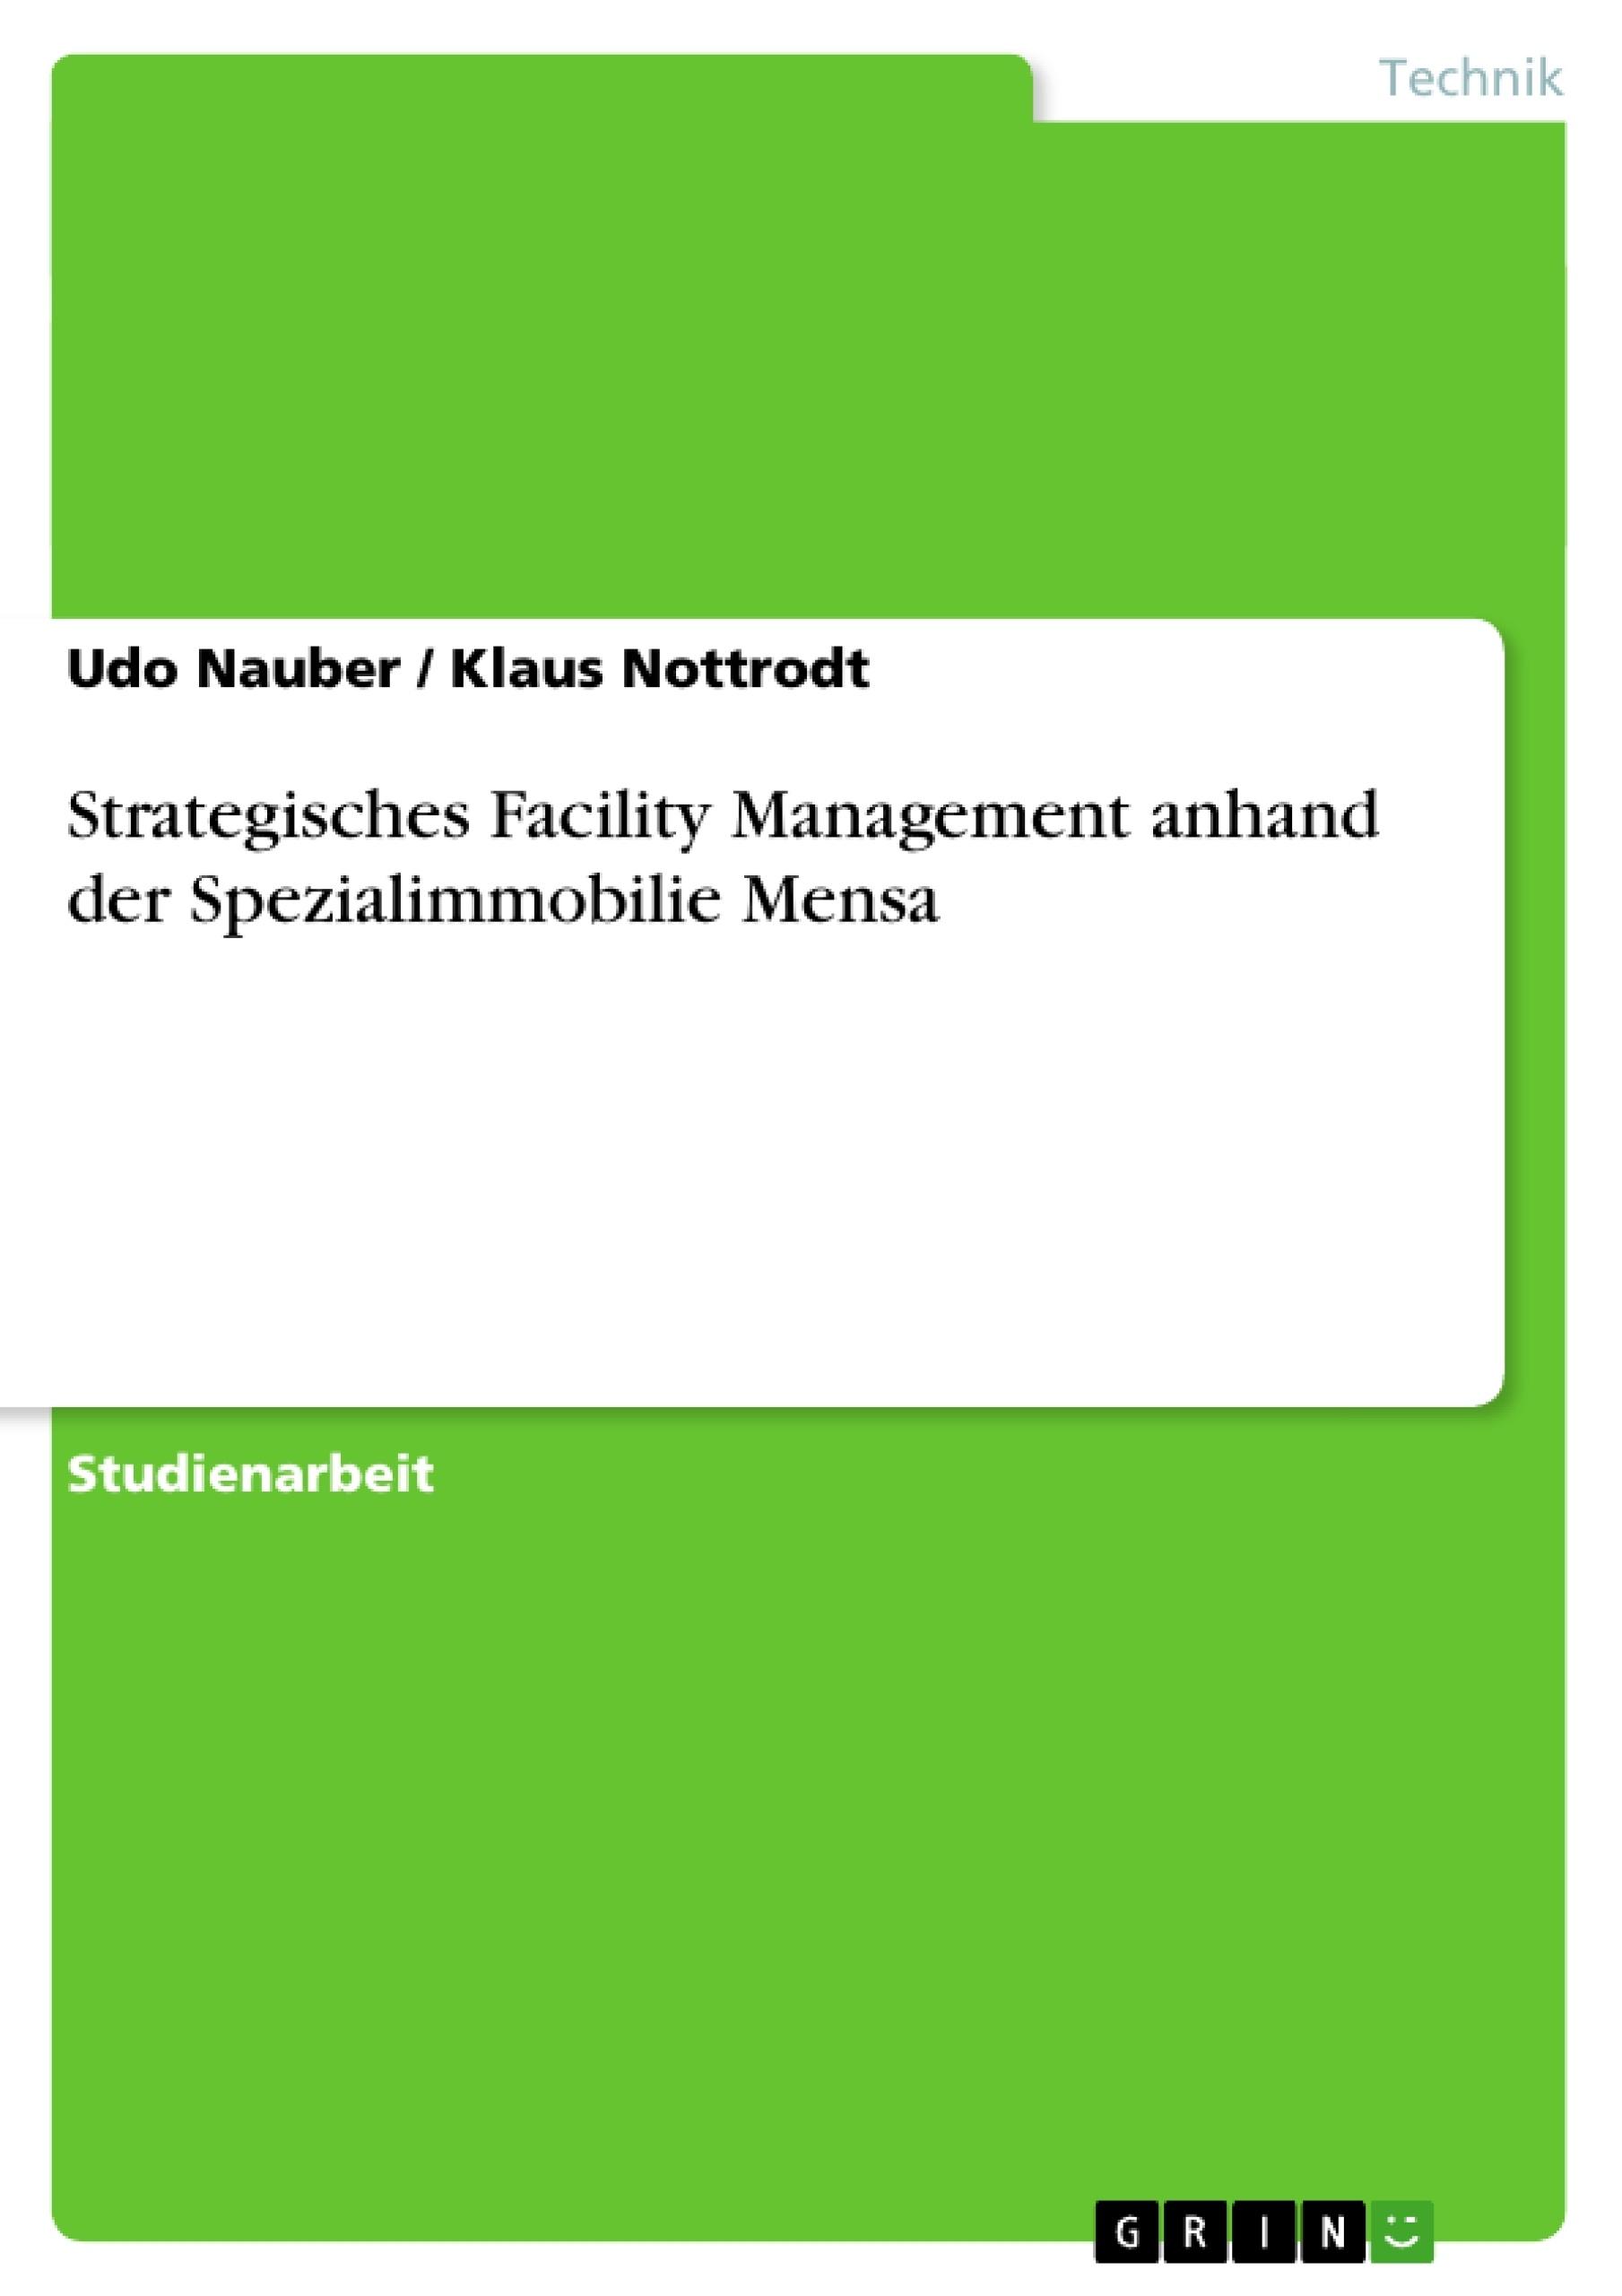 Titel: Strategisches Facility Management anhand der Spezialimmobilie Mensa